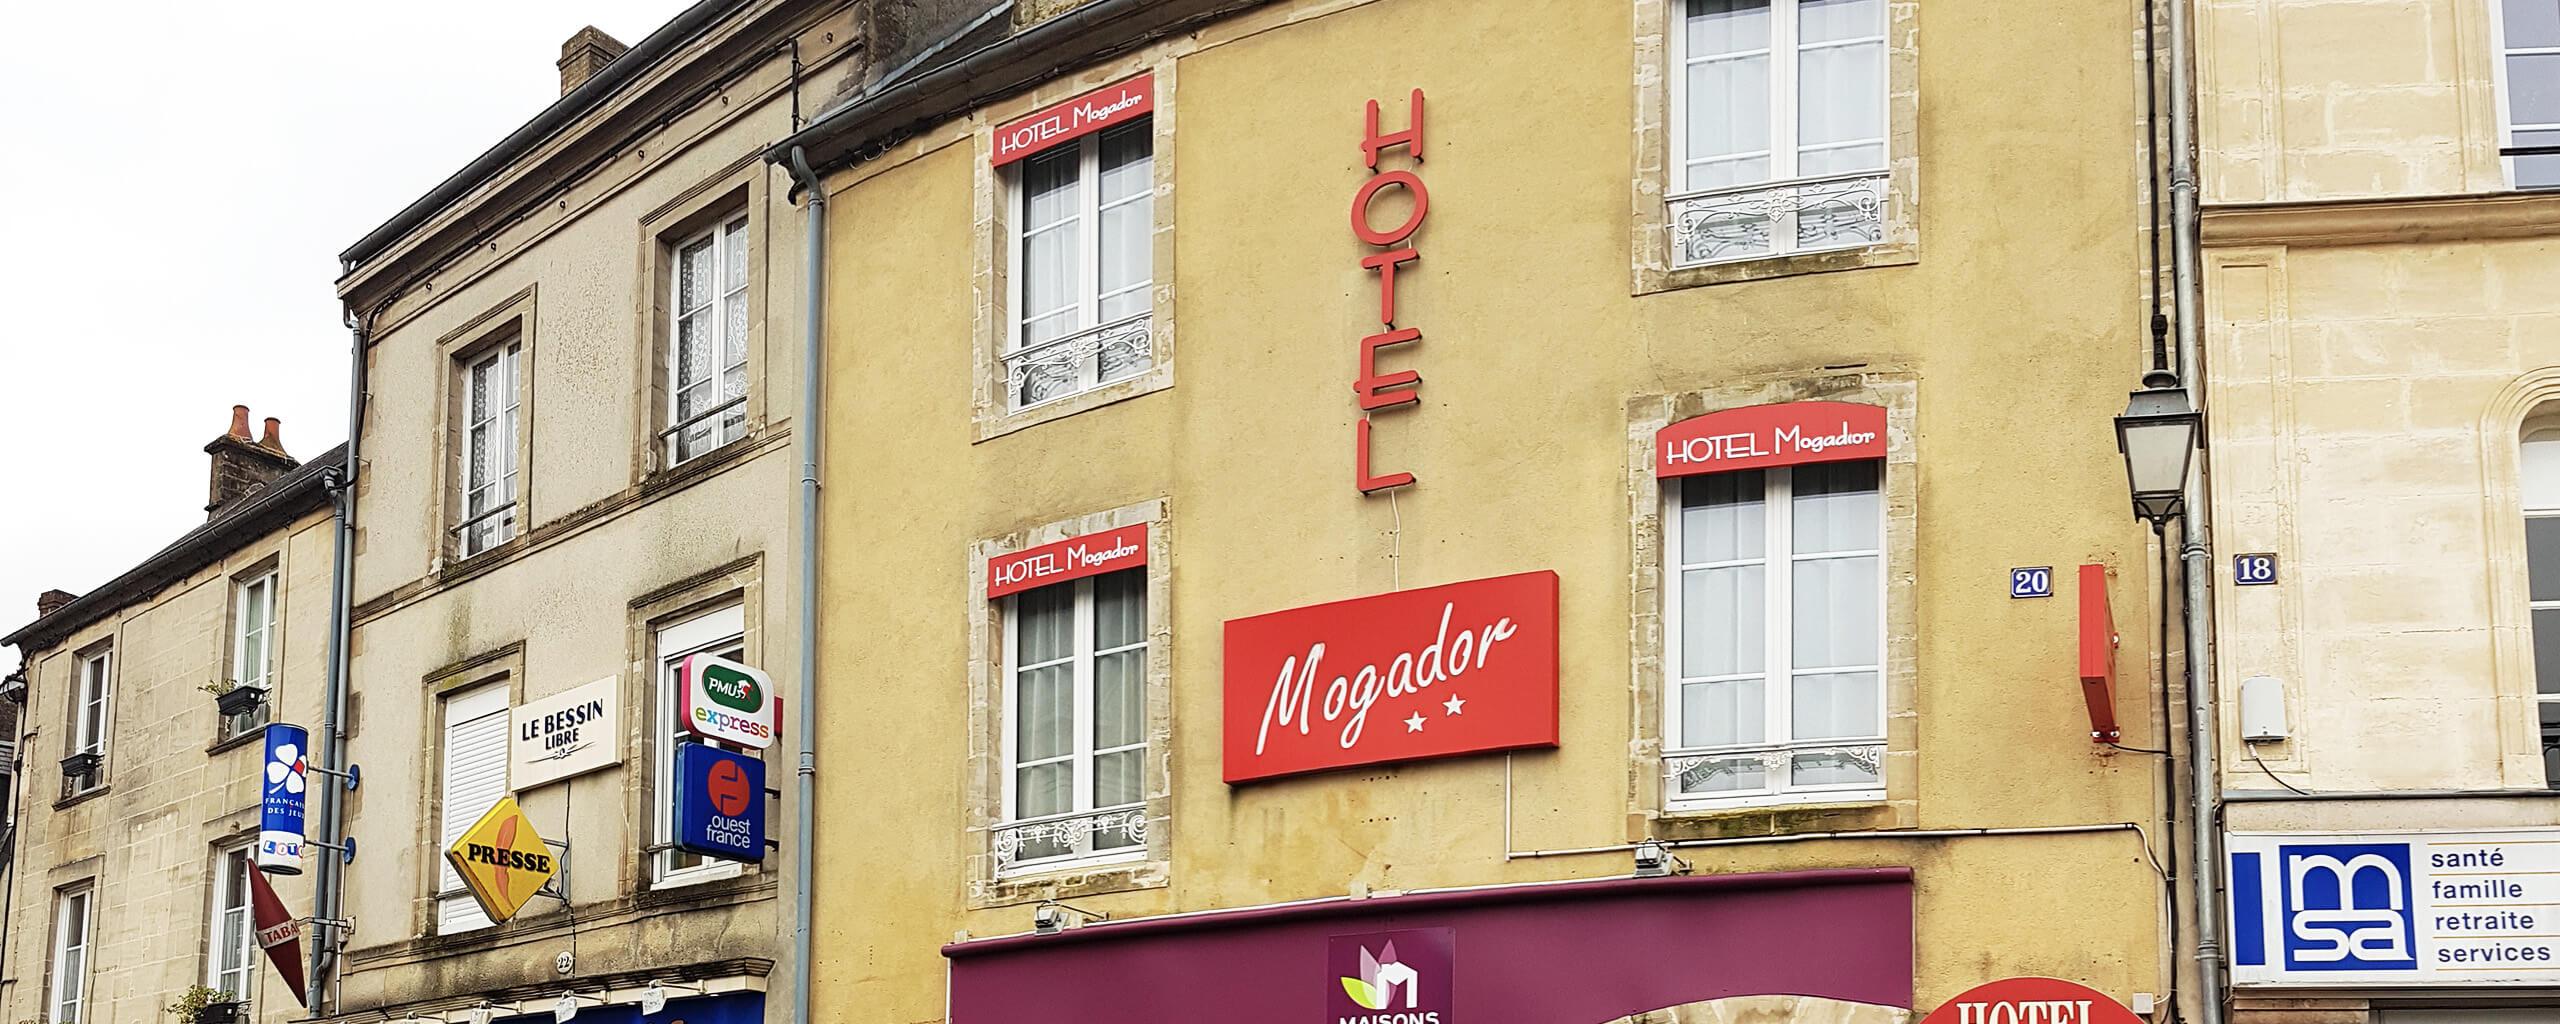 Façade de l'Hôtel Mogador de Bayeux v2@2x